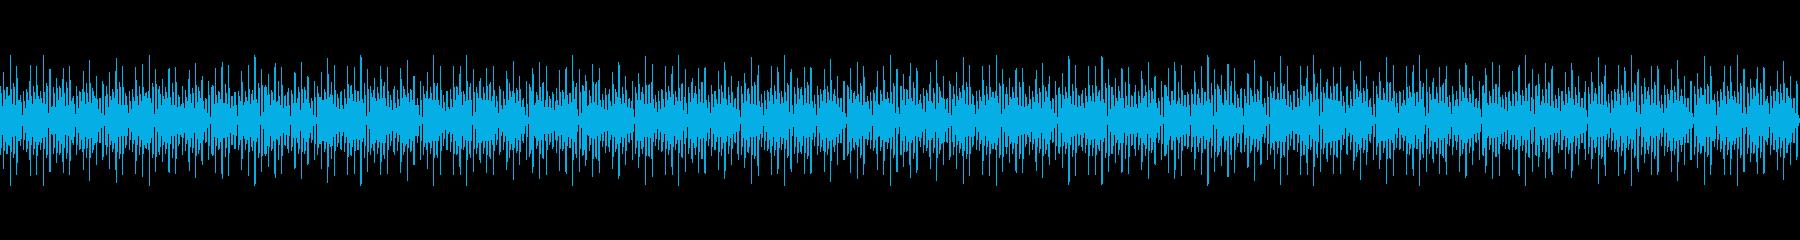 Vtuberの配信 雑談向けBGM(3)の再生済みの波形